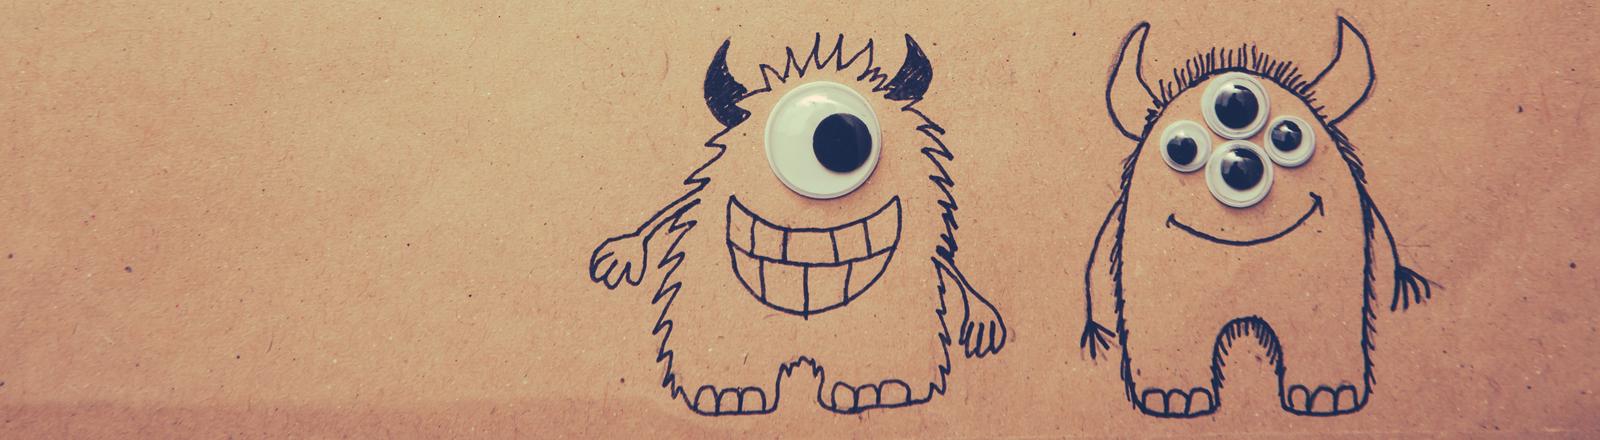 Zwei Monster mit Augen.